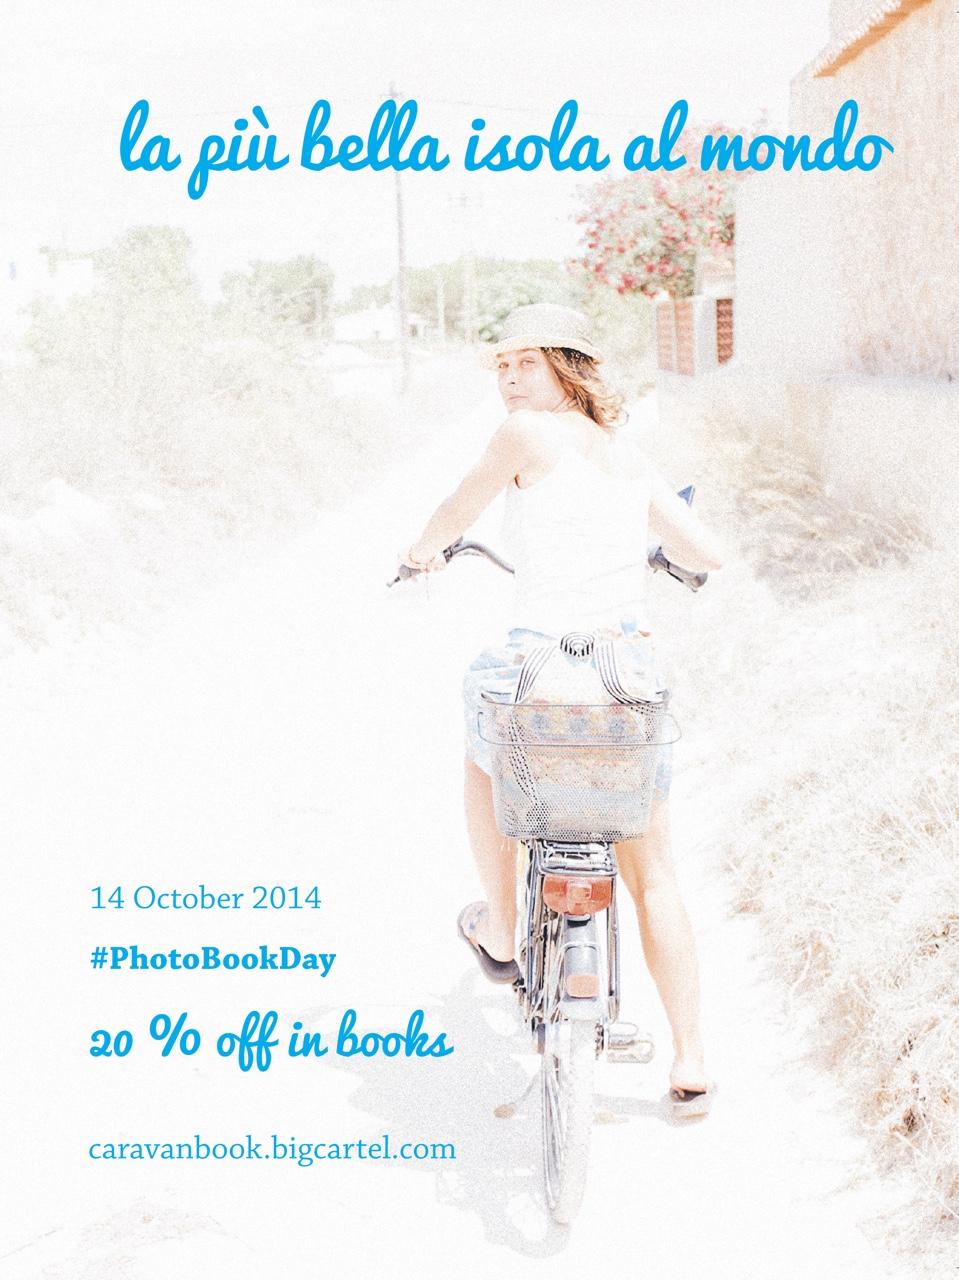 The #PhotobookDay is coming. You will find a  20% off on our first book  'La piú bella isola al mondo'. Visit our bookshop from tonight at 00.00 hours until tomorrow at 23.59. Do not lose this opportunity!     http://caravanbook.bigcartel.com     Don't forget following us on Twitter:  @caravanbook . We would like you to  show us your favourite hotel , that one where you would love to find our photobooks. Mention us and use #PhotobookAmenity & #PhotobookDay for it. Thanks!   ***   Estamos a pocas horas de comenzar el #PhotobookDay. Desde esta noche a las 00.00 horas y hasta mañana a las 23.59 tienes un  descuento del 20% en nuestro primer libro:  'La più bella isola al mondo'. No lo dejes pasar!     http://caravanbook.bigcartel.com     Queremos también invitarte a seguirnos en Twitter:  @caravanbook .  Cuéntanos cuál es tu hotel favorito , ese lugar especial en el que te gustaría encontrar nuestros fotolibros. No olvides mencionarnos y usar los hashtags #PhotobookAmenity y #PhotobookDay. Muchas gracias!